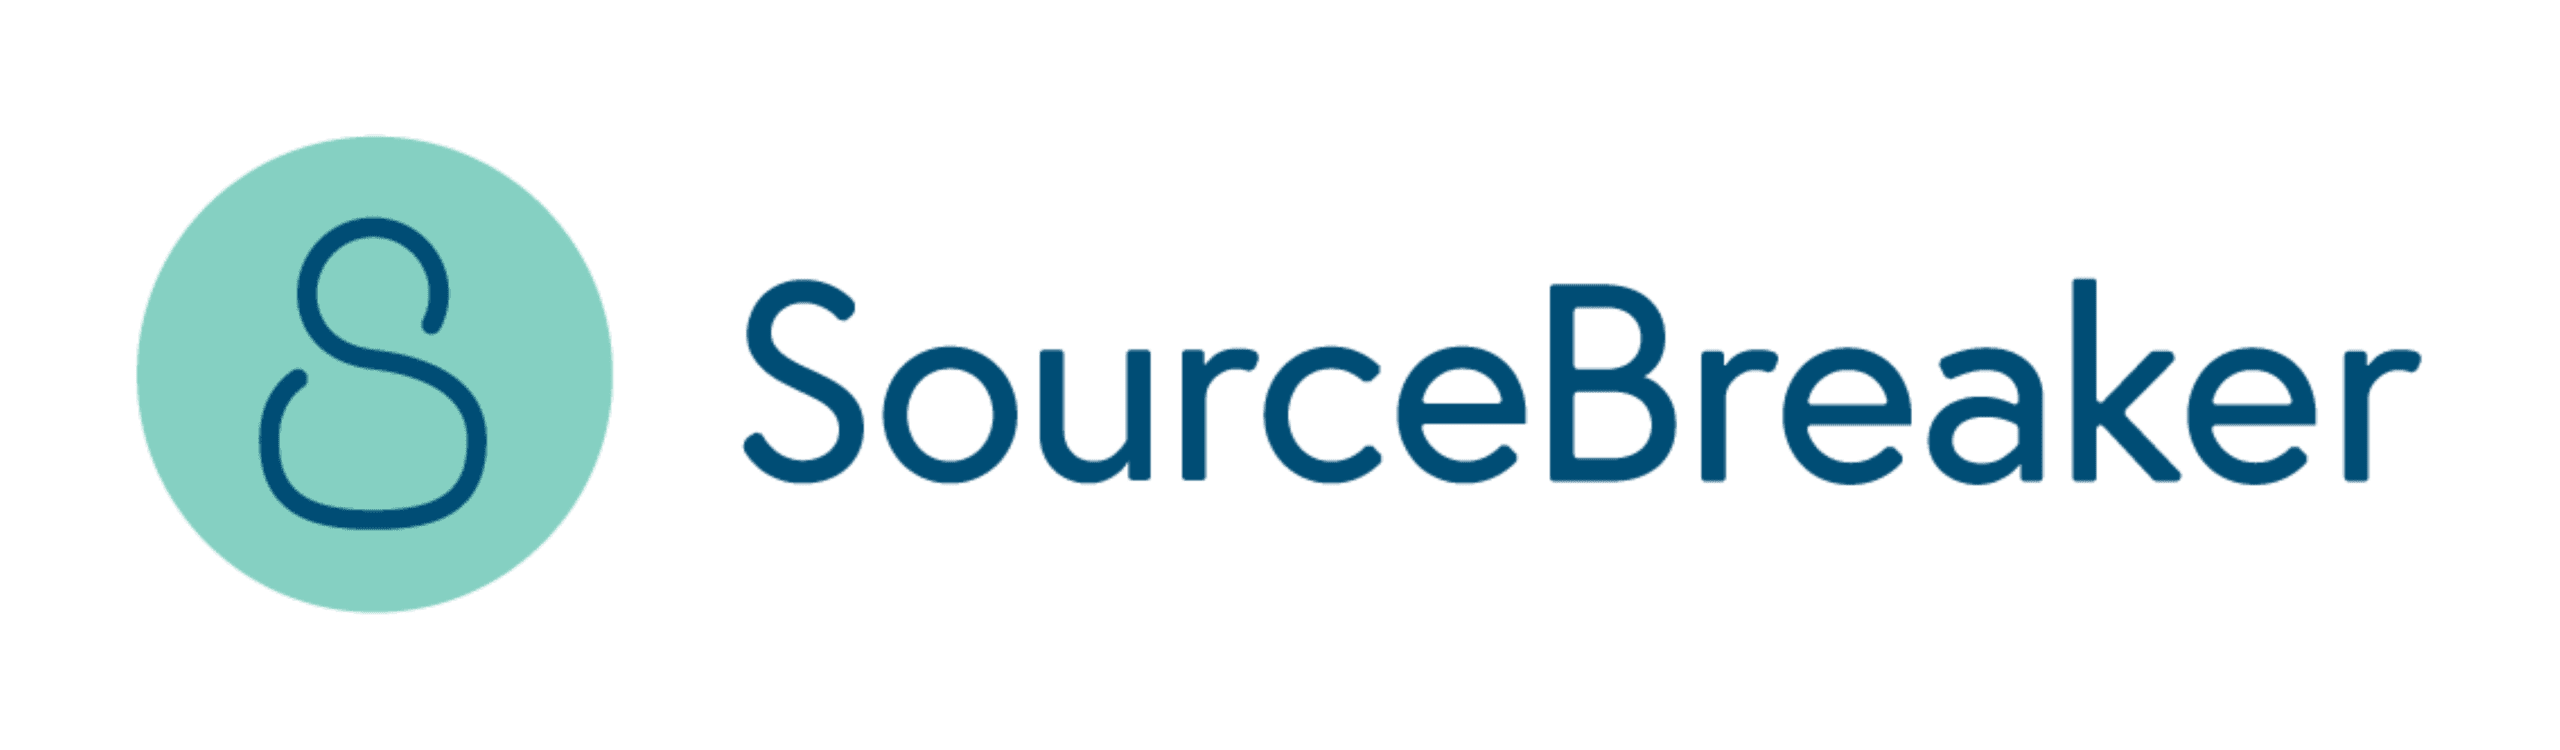 SourceBreaker Logo